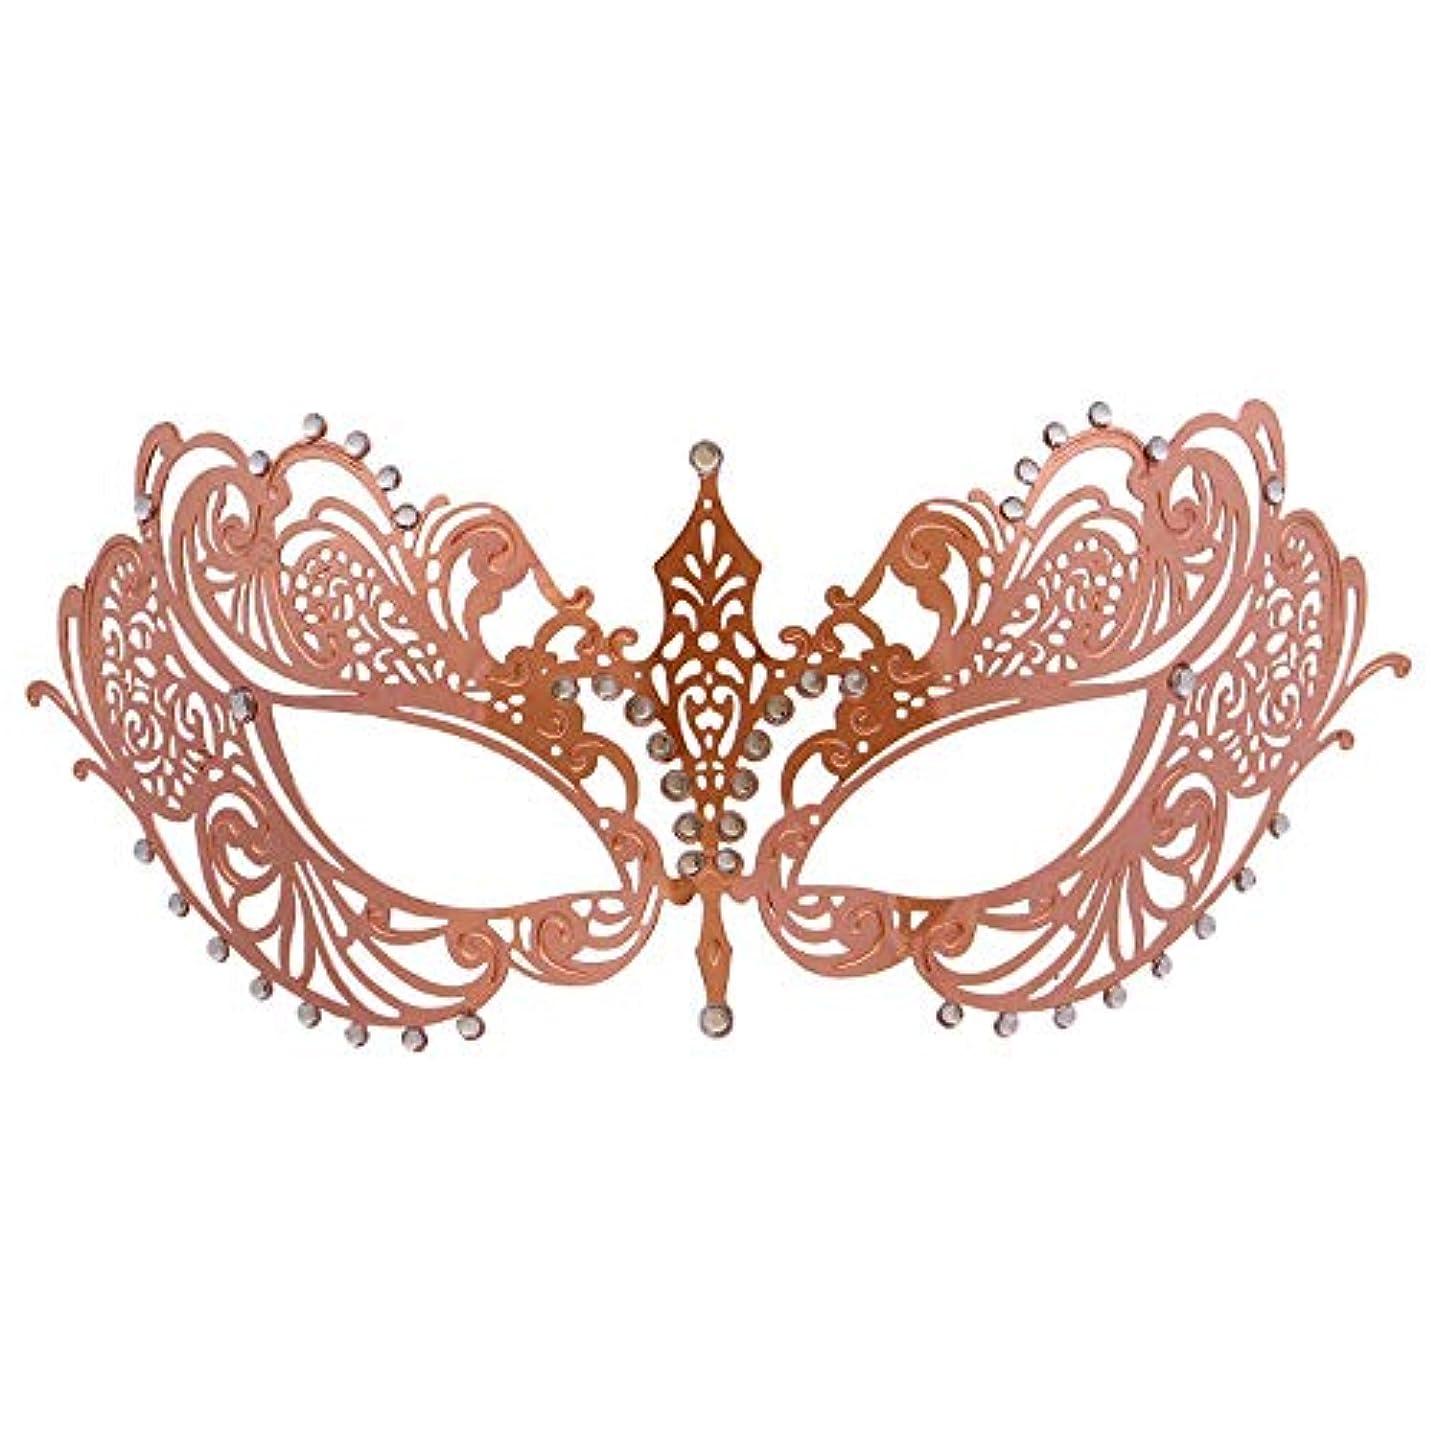 事実上入場料普遍的なダンスマスク 薄い鉄ハーフフェイスローズゴールド鉄ダイヤモンドハイエンドマスクハーフフェイスマスクコスプレパーティーハロウィンマスク ホリデーパーティー用品 (色 : Rose gold, サイズ : 19x8cm)